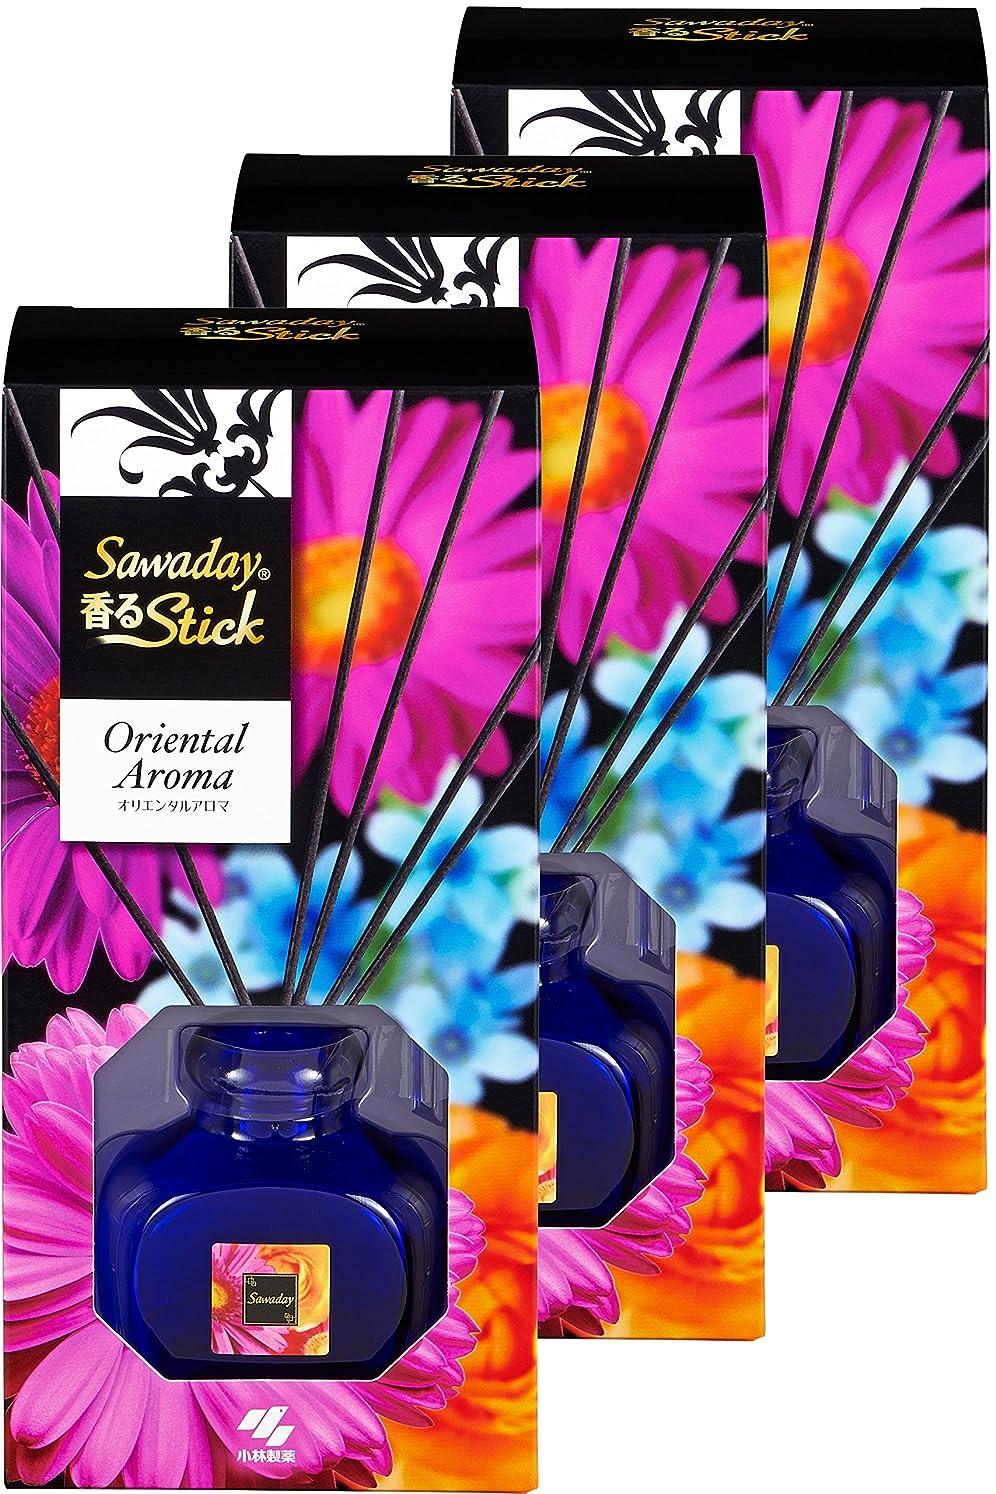 【まとめ買い】サワデー香るスティック 消臭芳香剤 本体 オリエンタルアロマ 70ml×3個